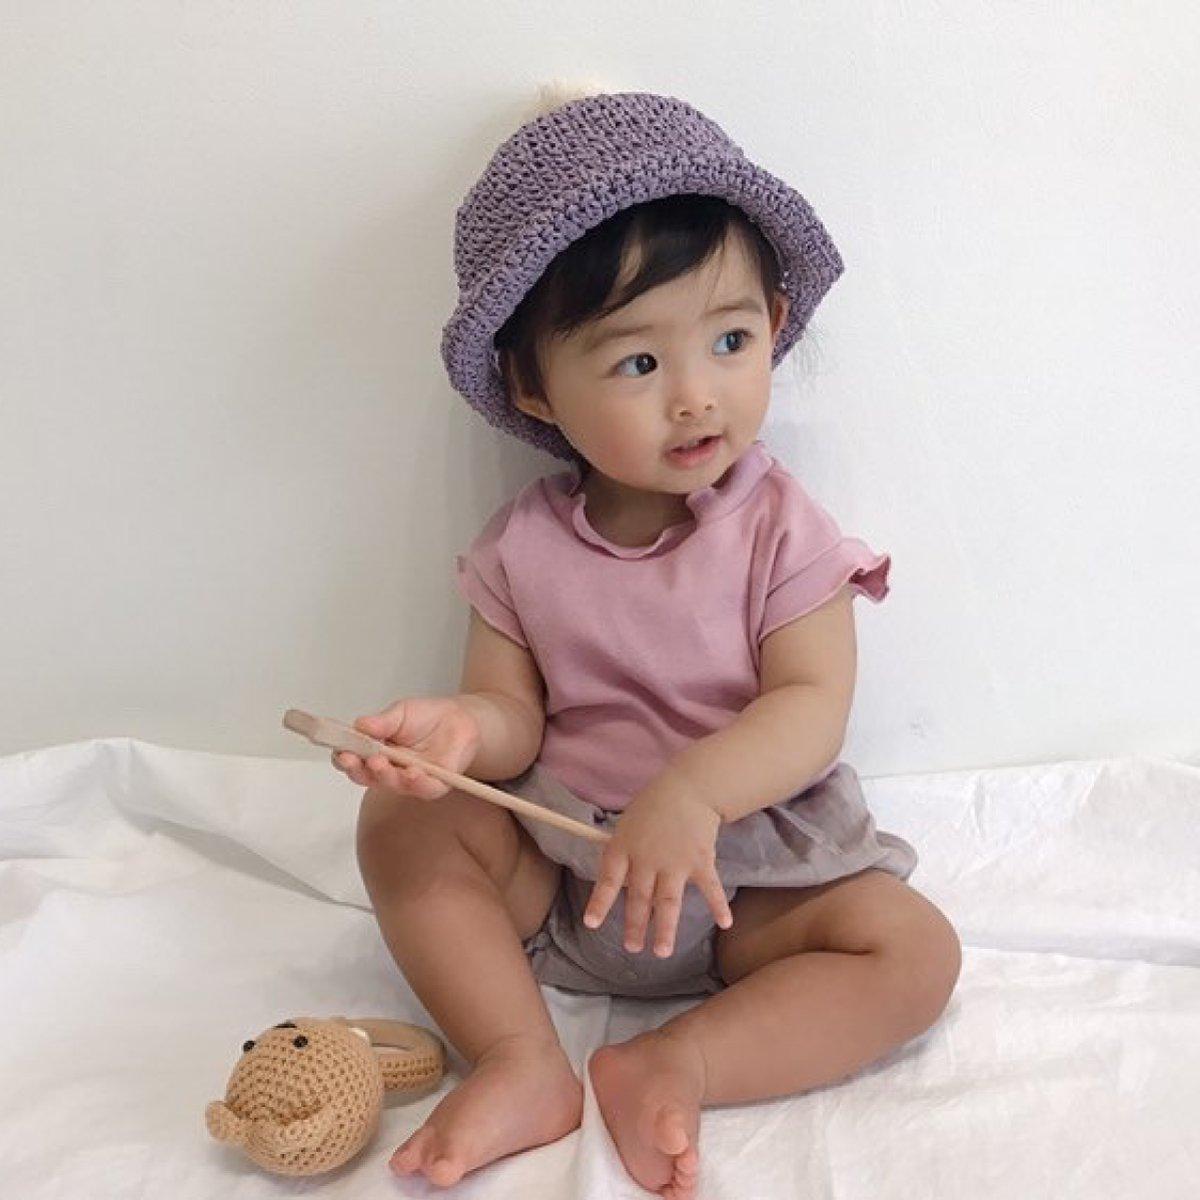 【BABY】Pon Coron Hat 詳細画像13